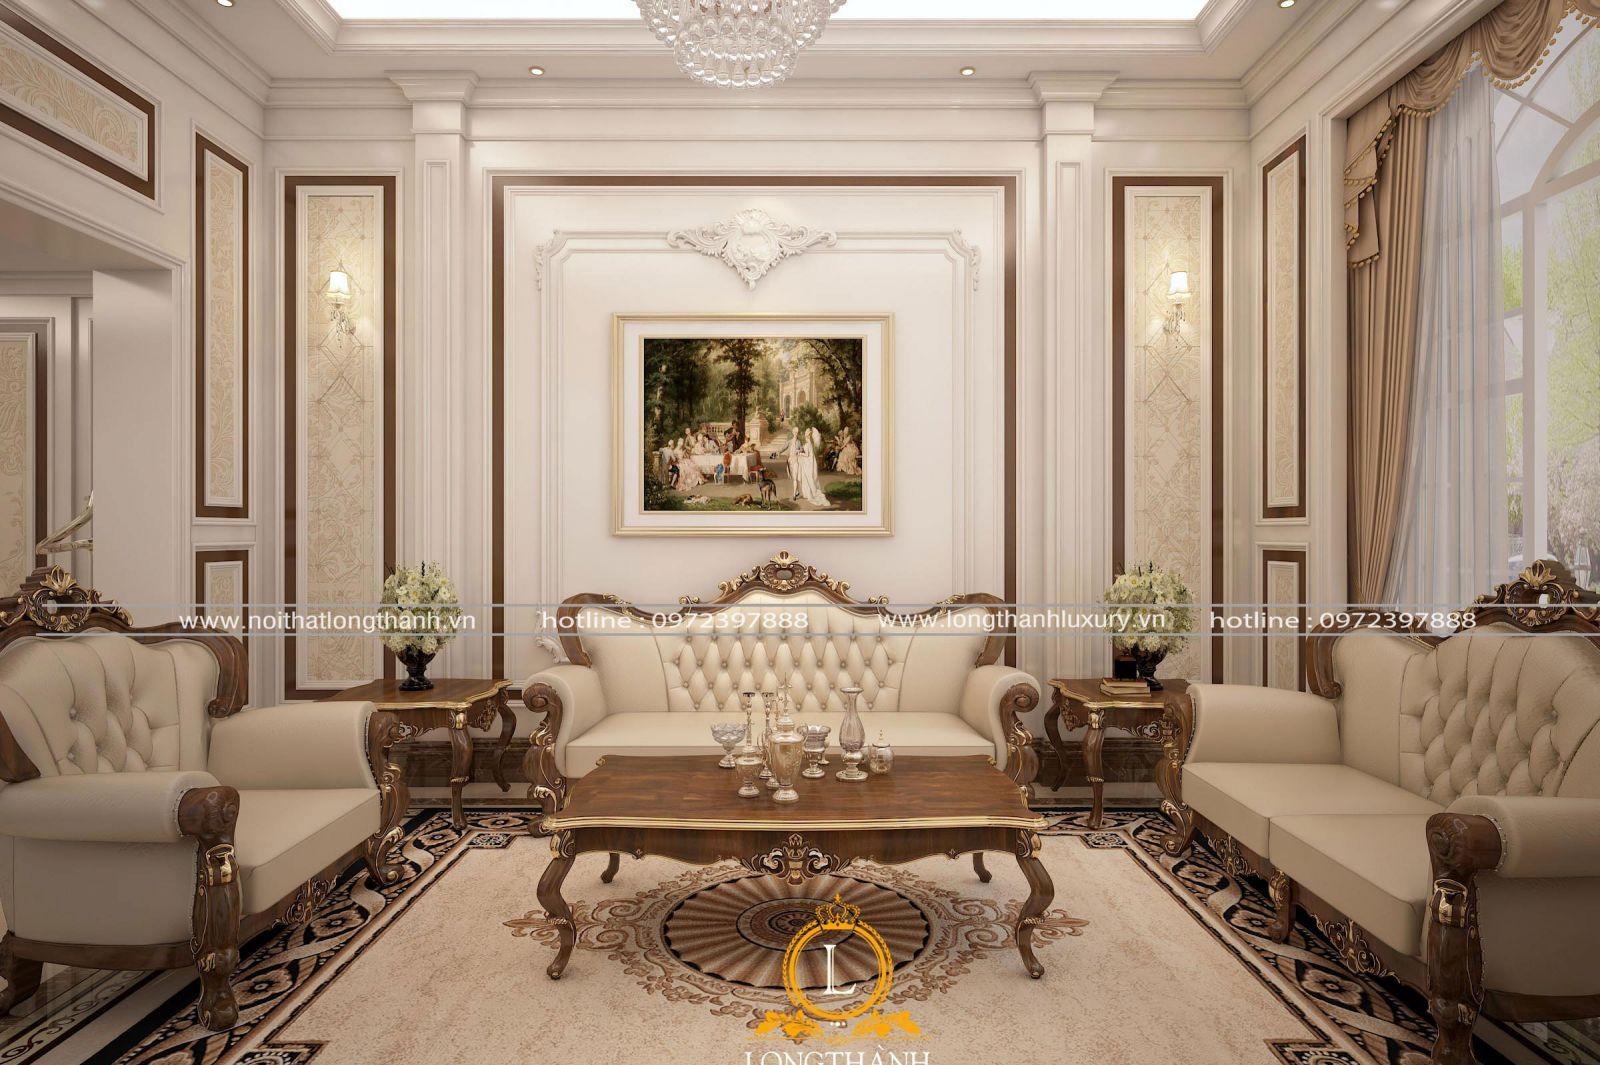 Mẫu sofa  bọc da  cho phòng khách sang trọng